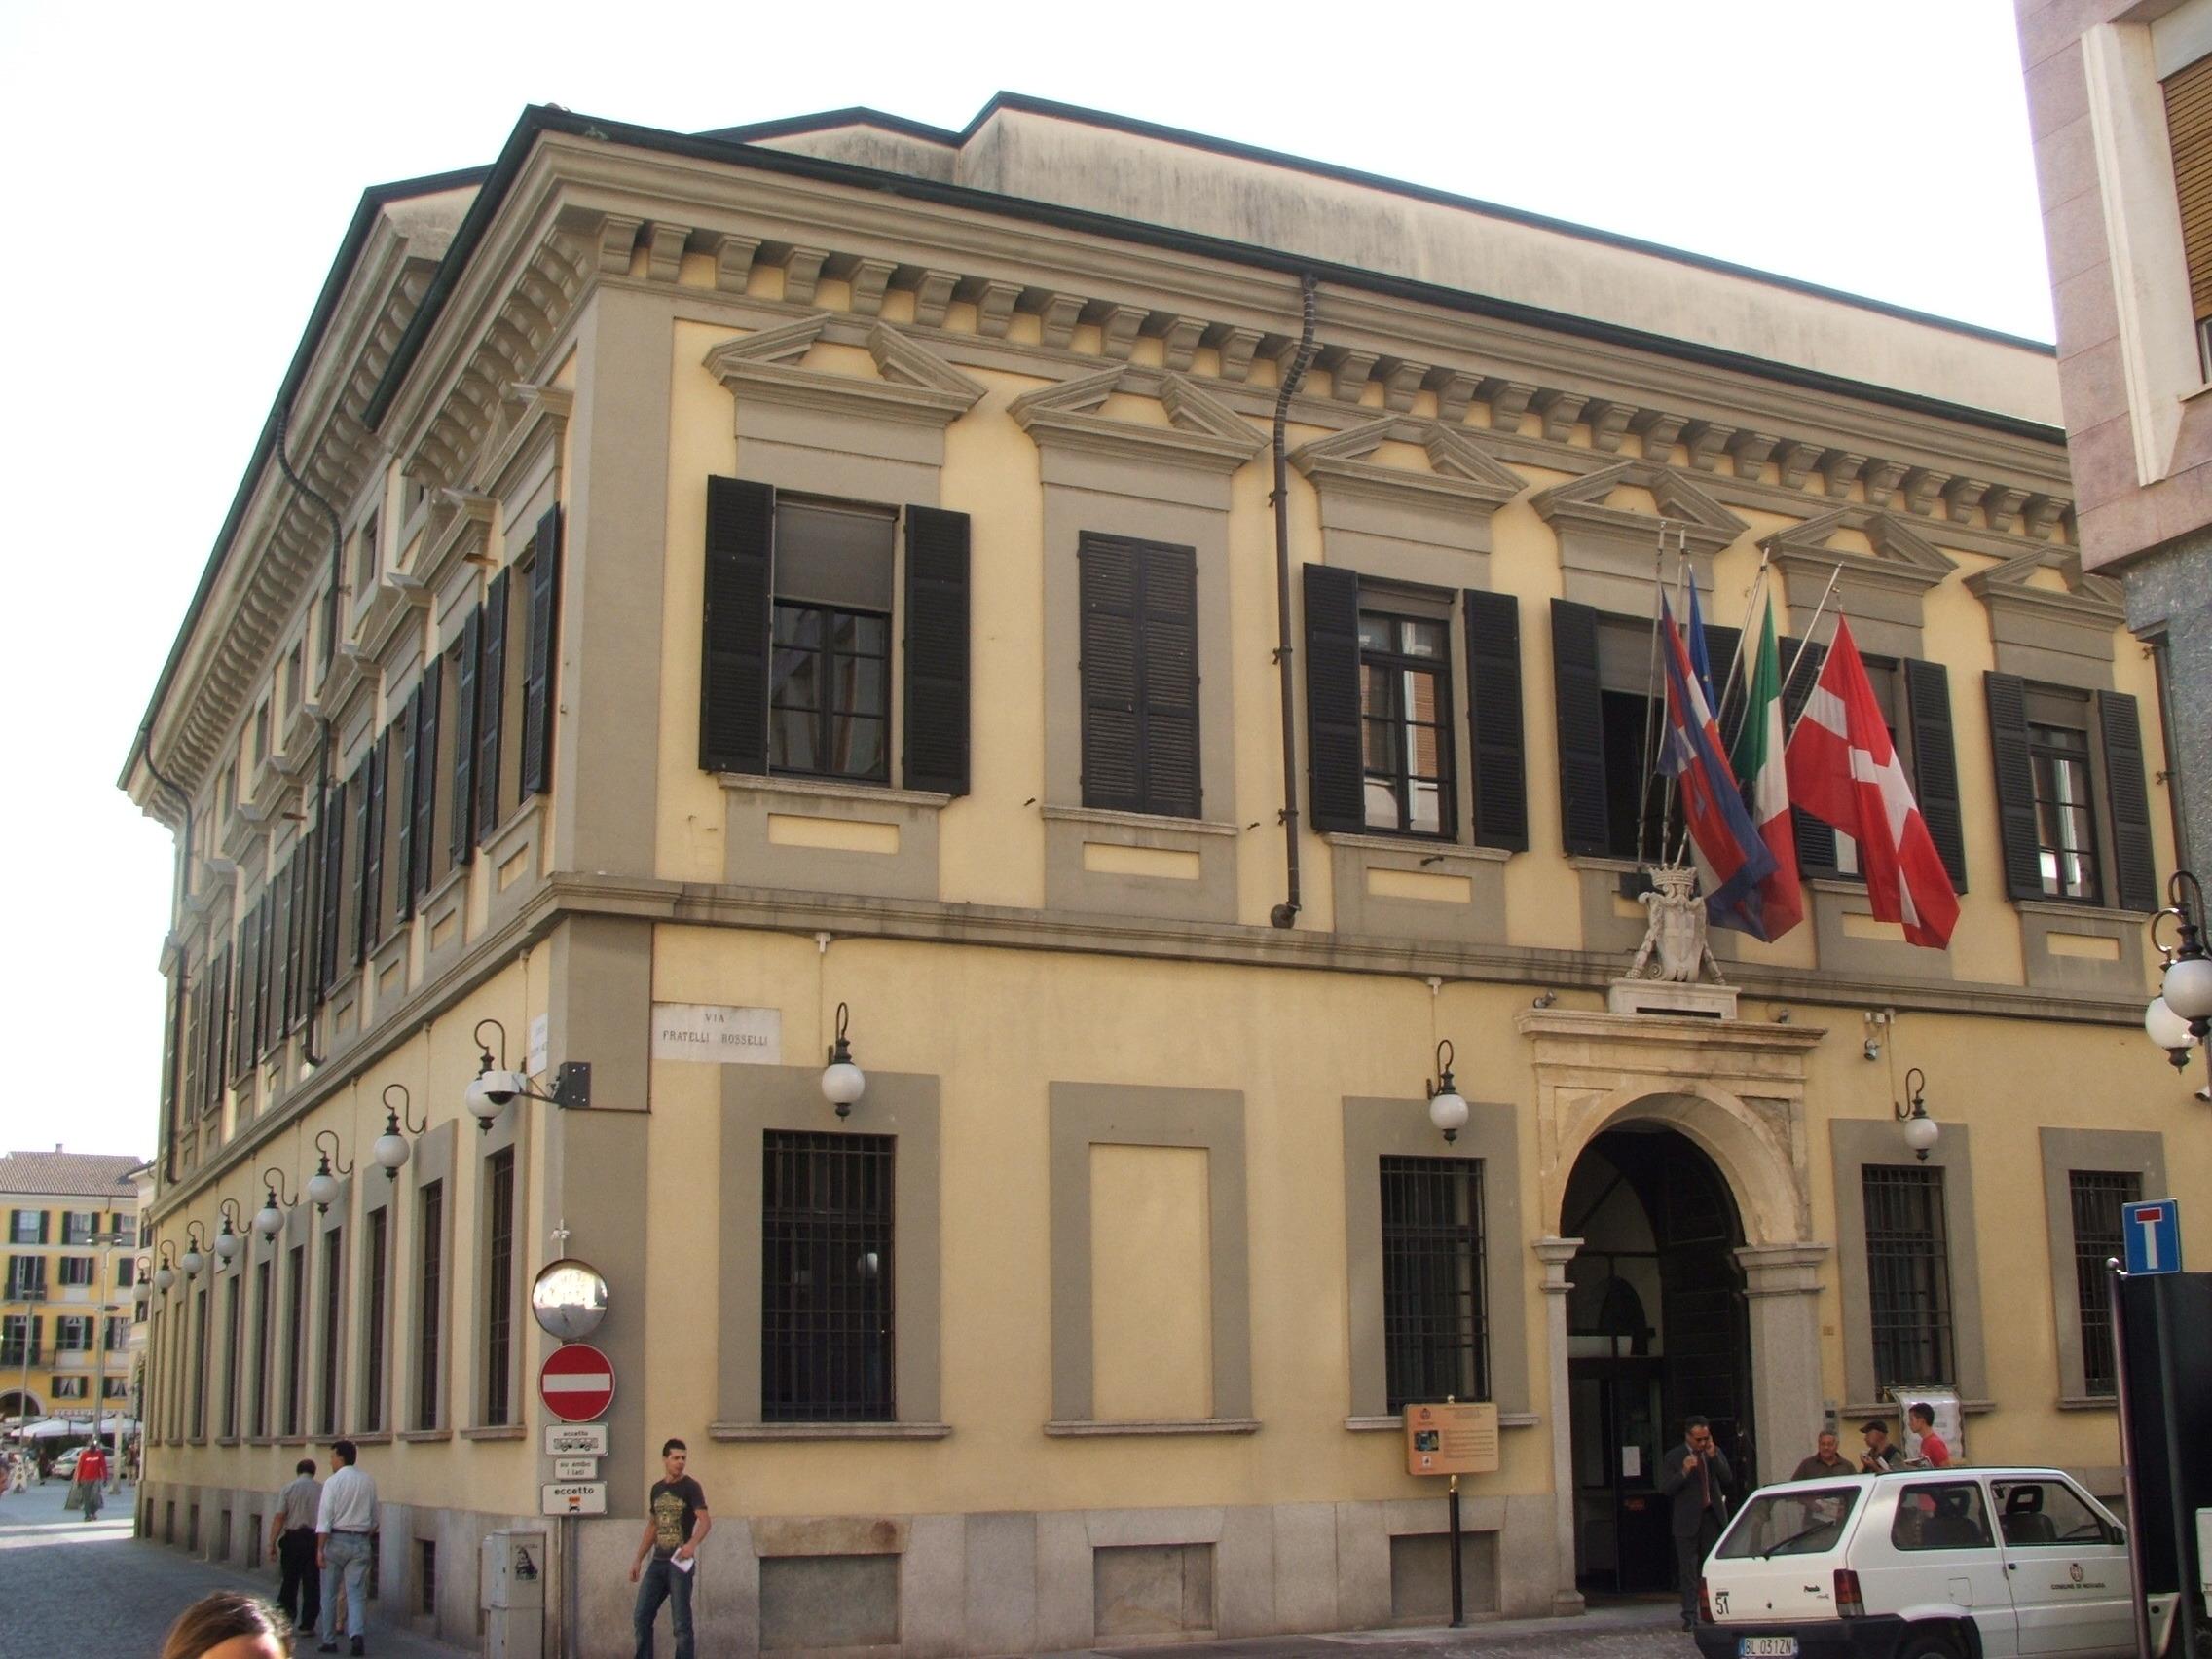 E' morto Gilberto Oneto, studioso dell'identità culturale padana. Salvini